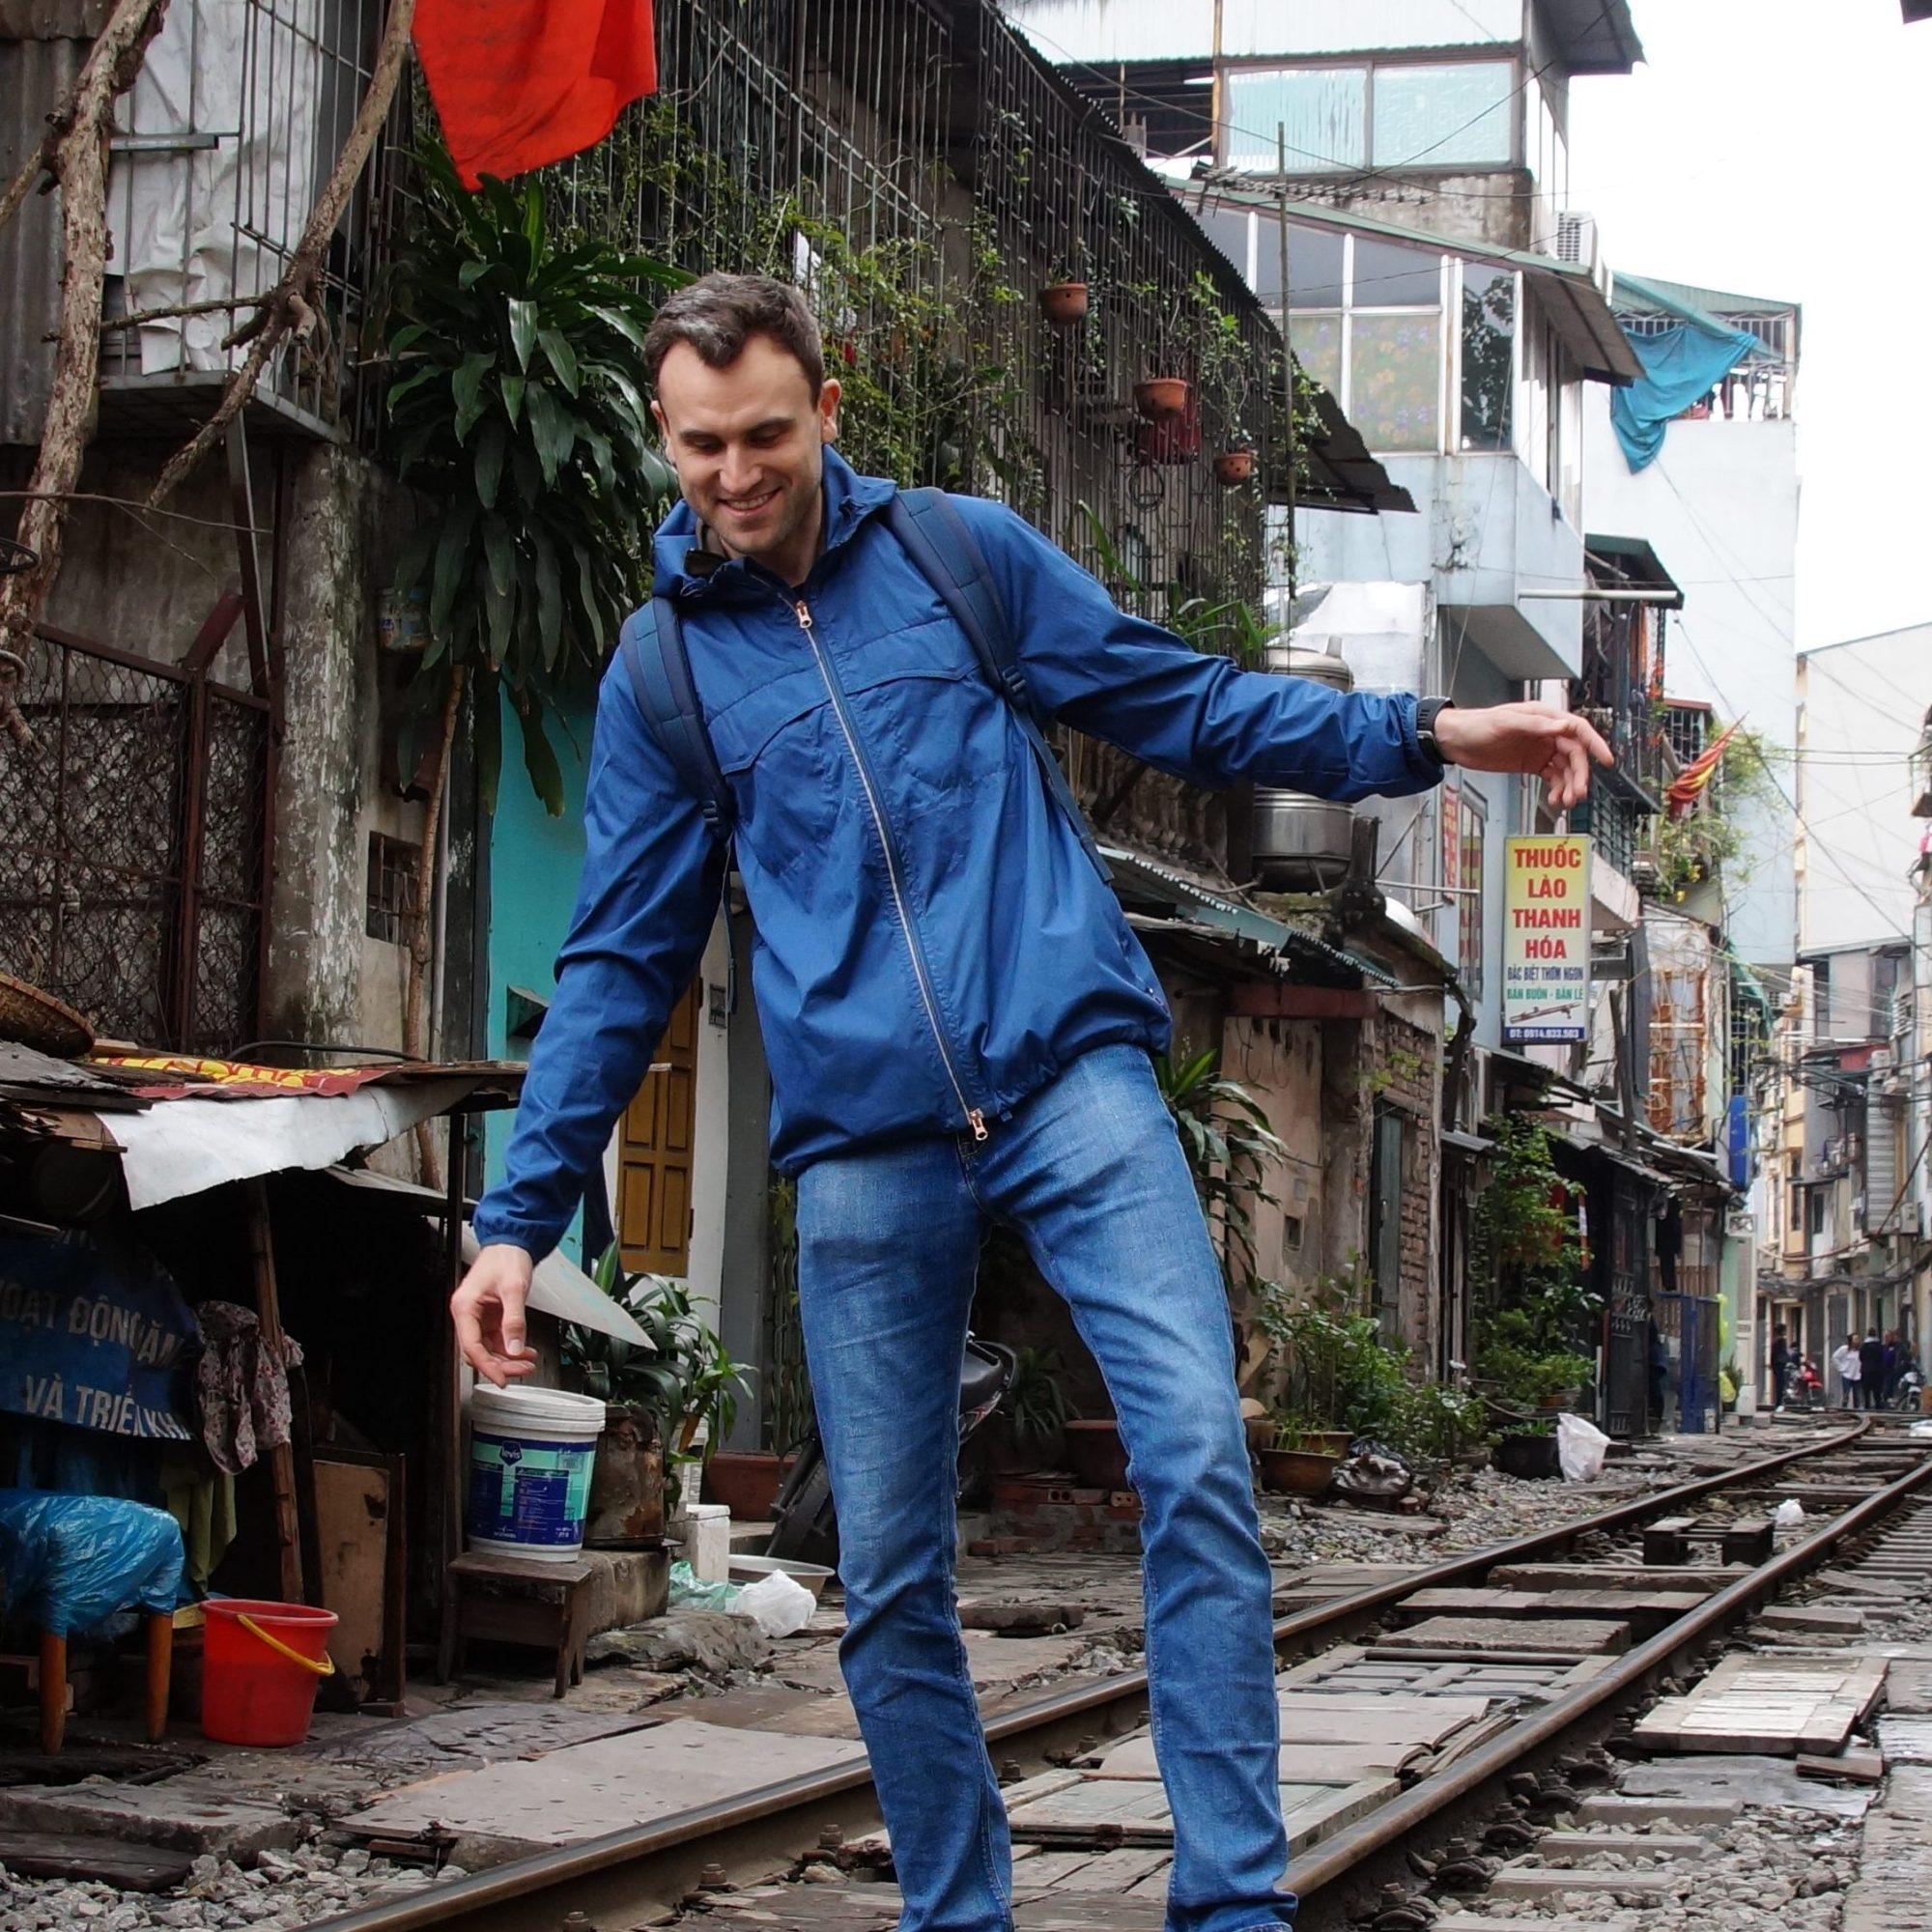 Daniel-auf-den-Gleisen-der-Train-Street-von-Herzsafari